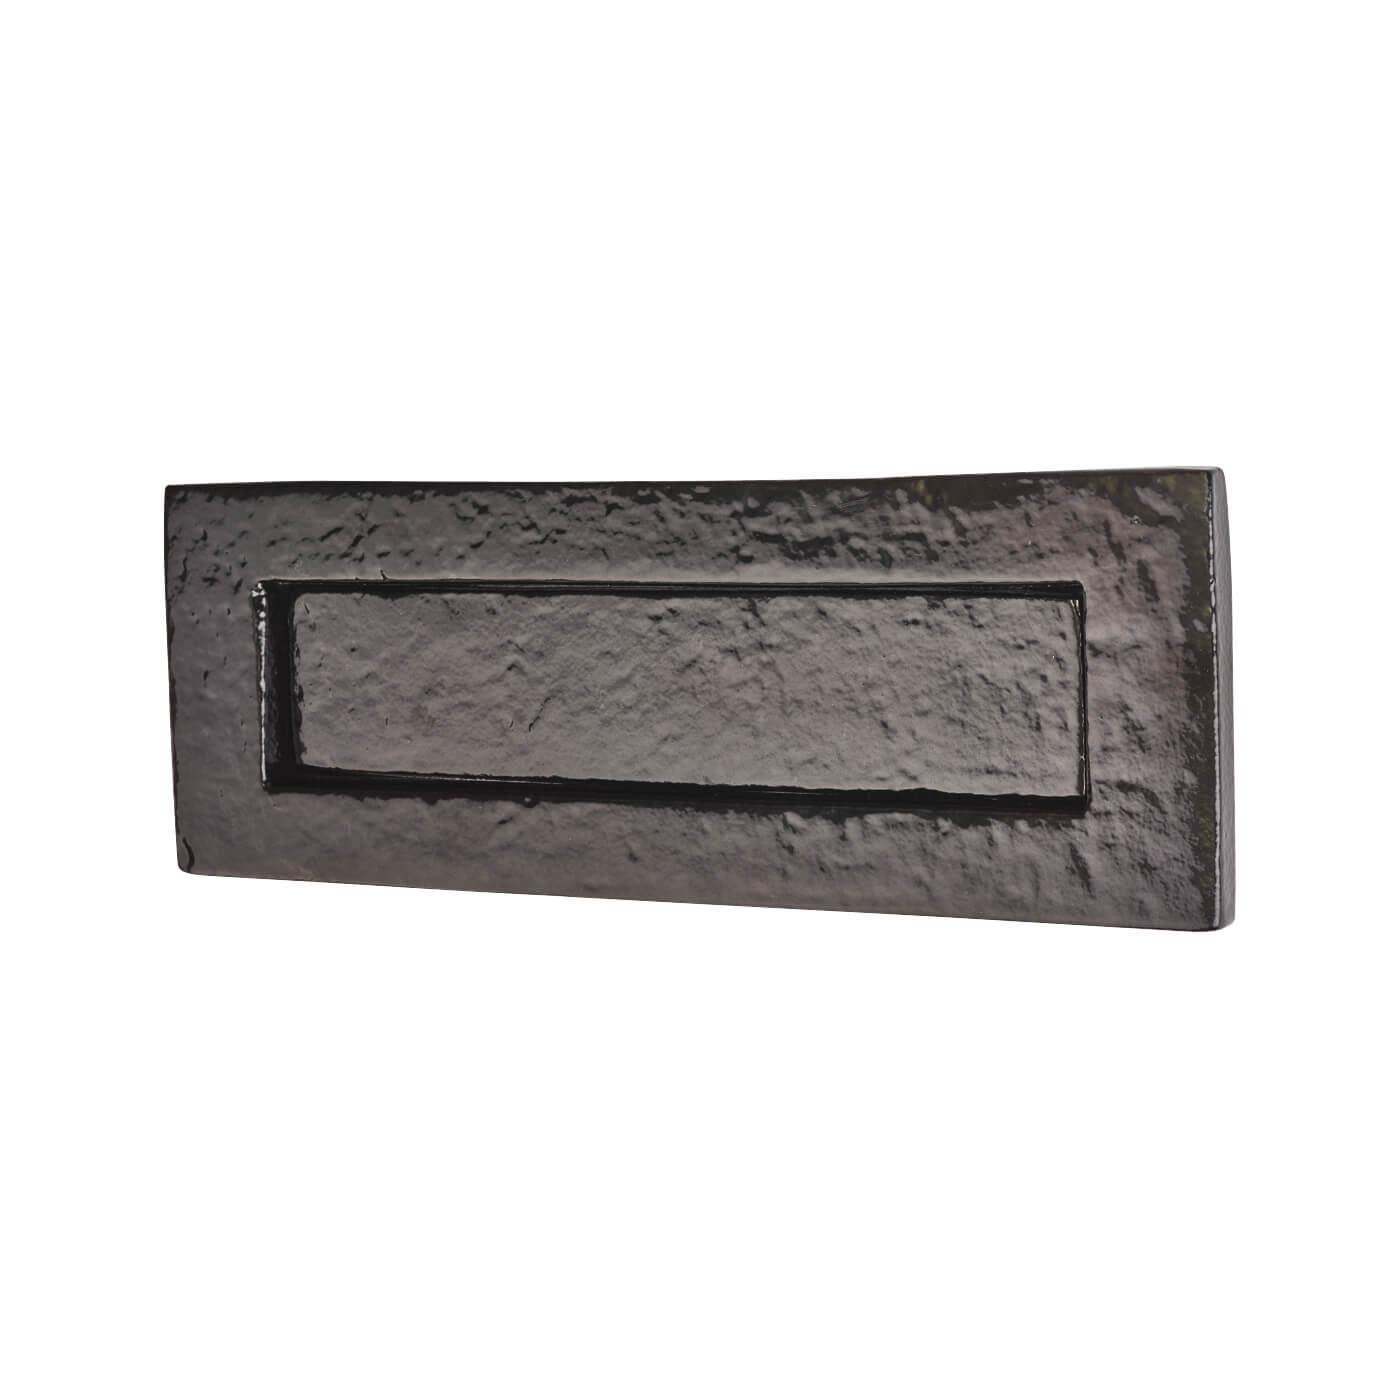 Colonial Plain Letter Plate - 254 x 90mm - Metalized Antique Black Iron)